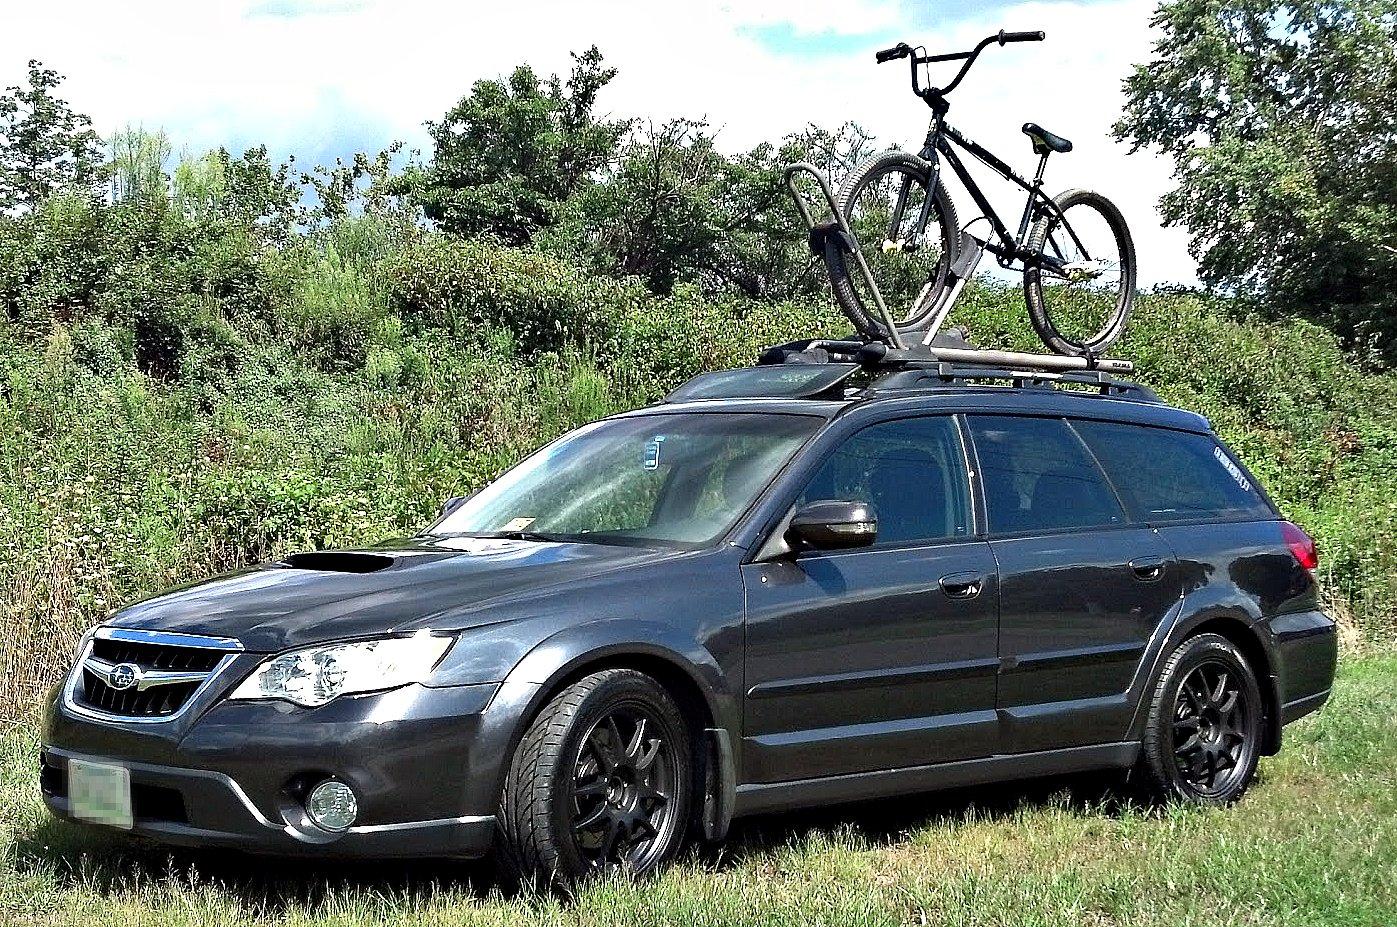 Delmardale S Subaru Outback Xt Readers Rides